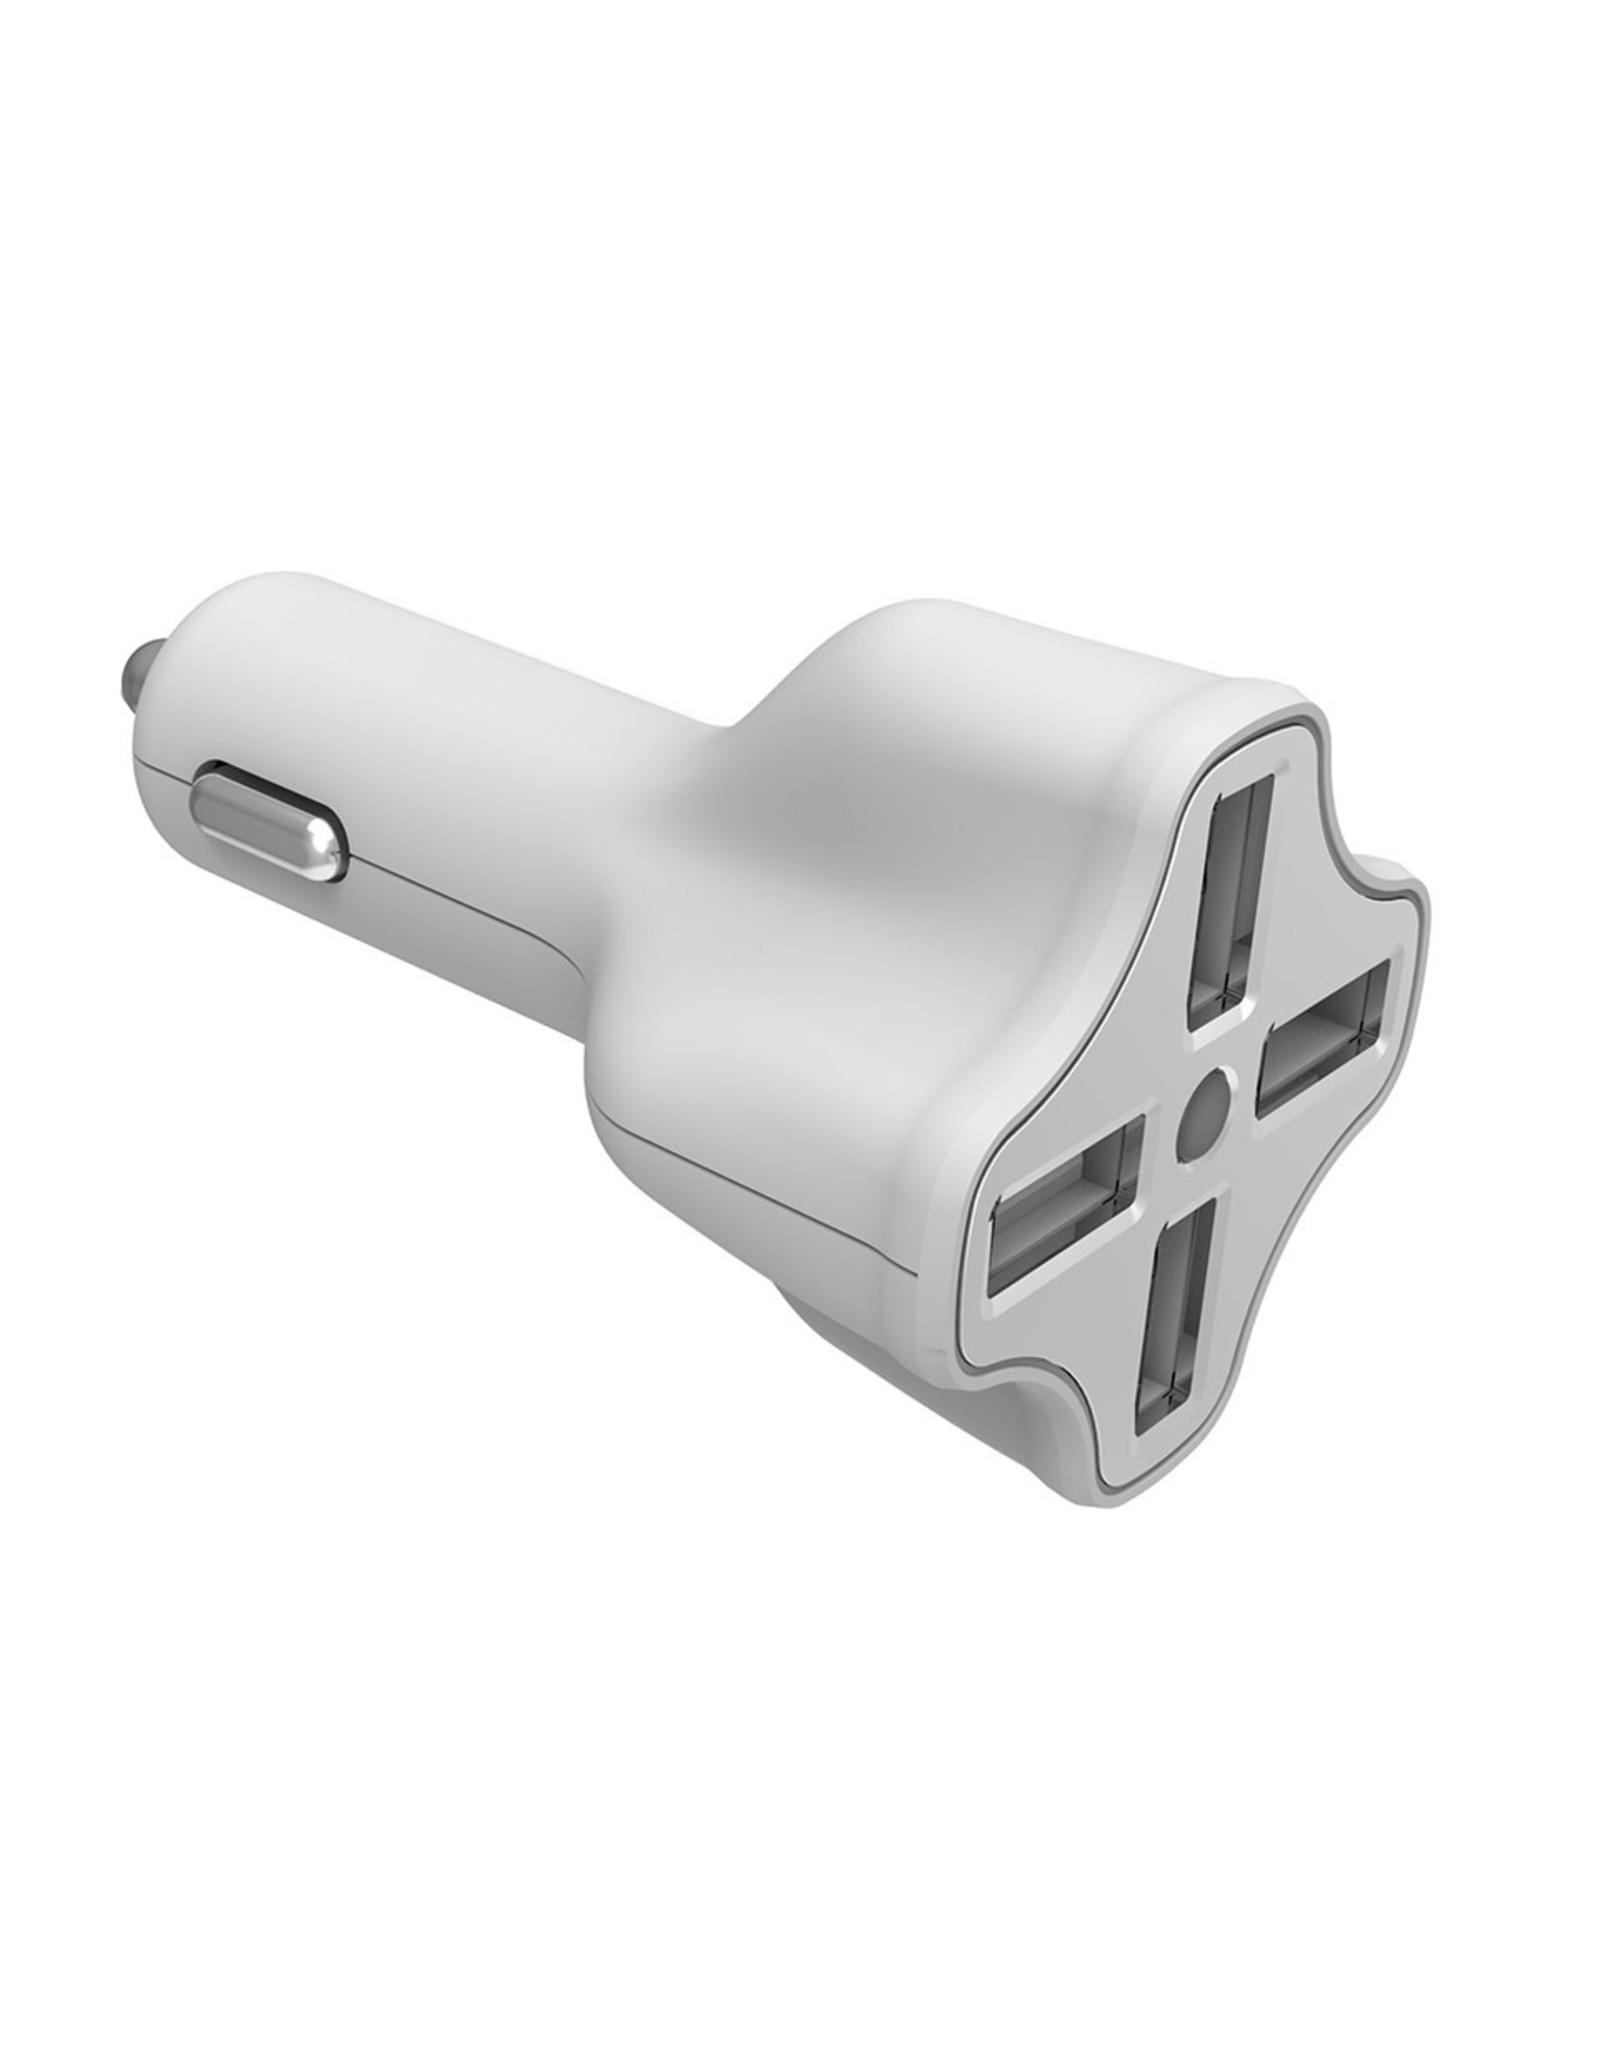 Digipower Digipower Car Charger 6.2amp InstaSense 4Port USB  SKU:39860